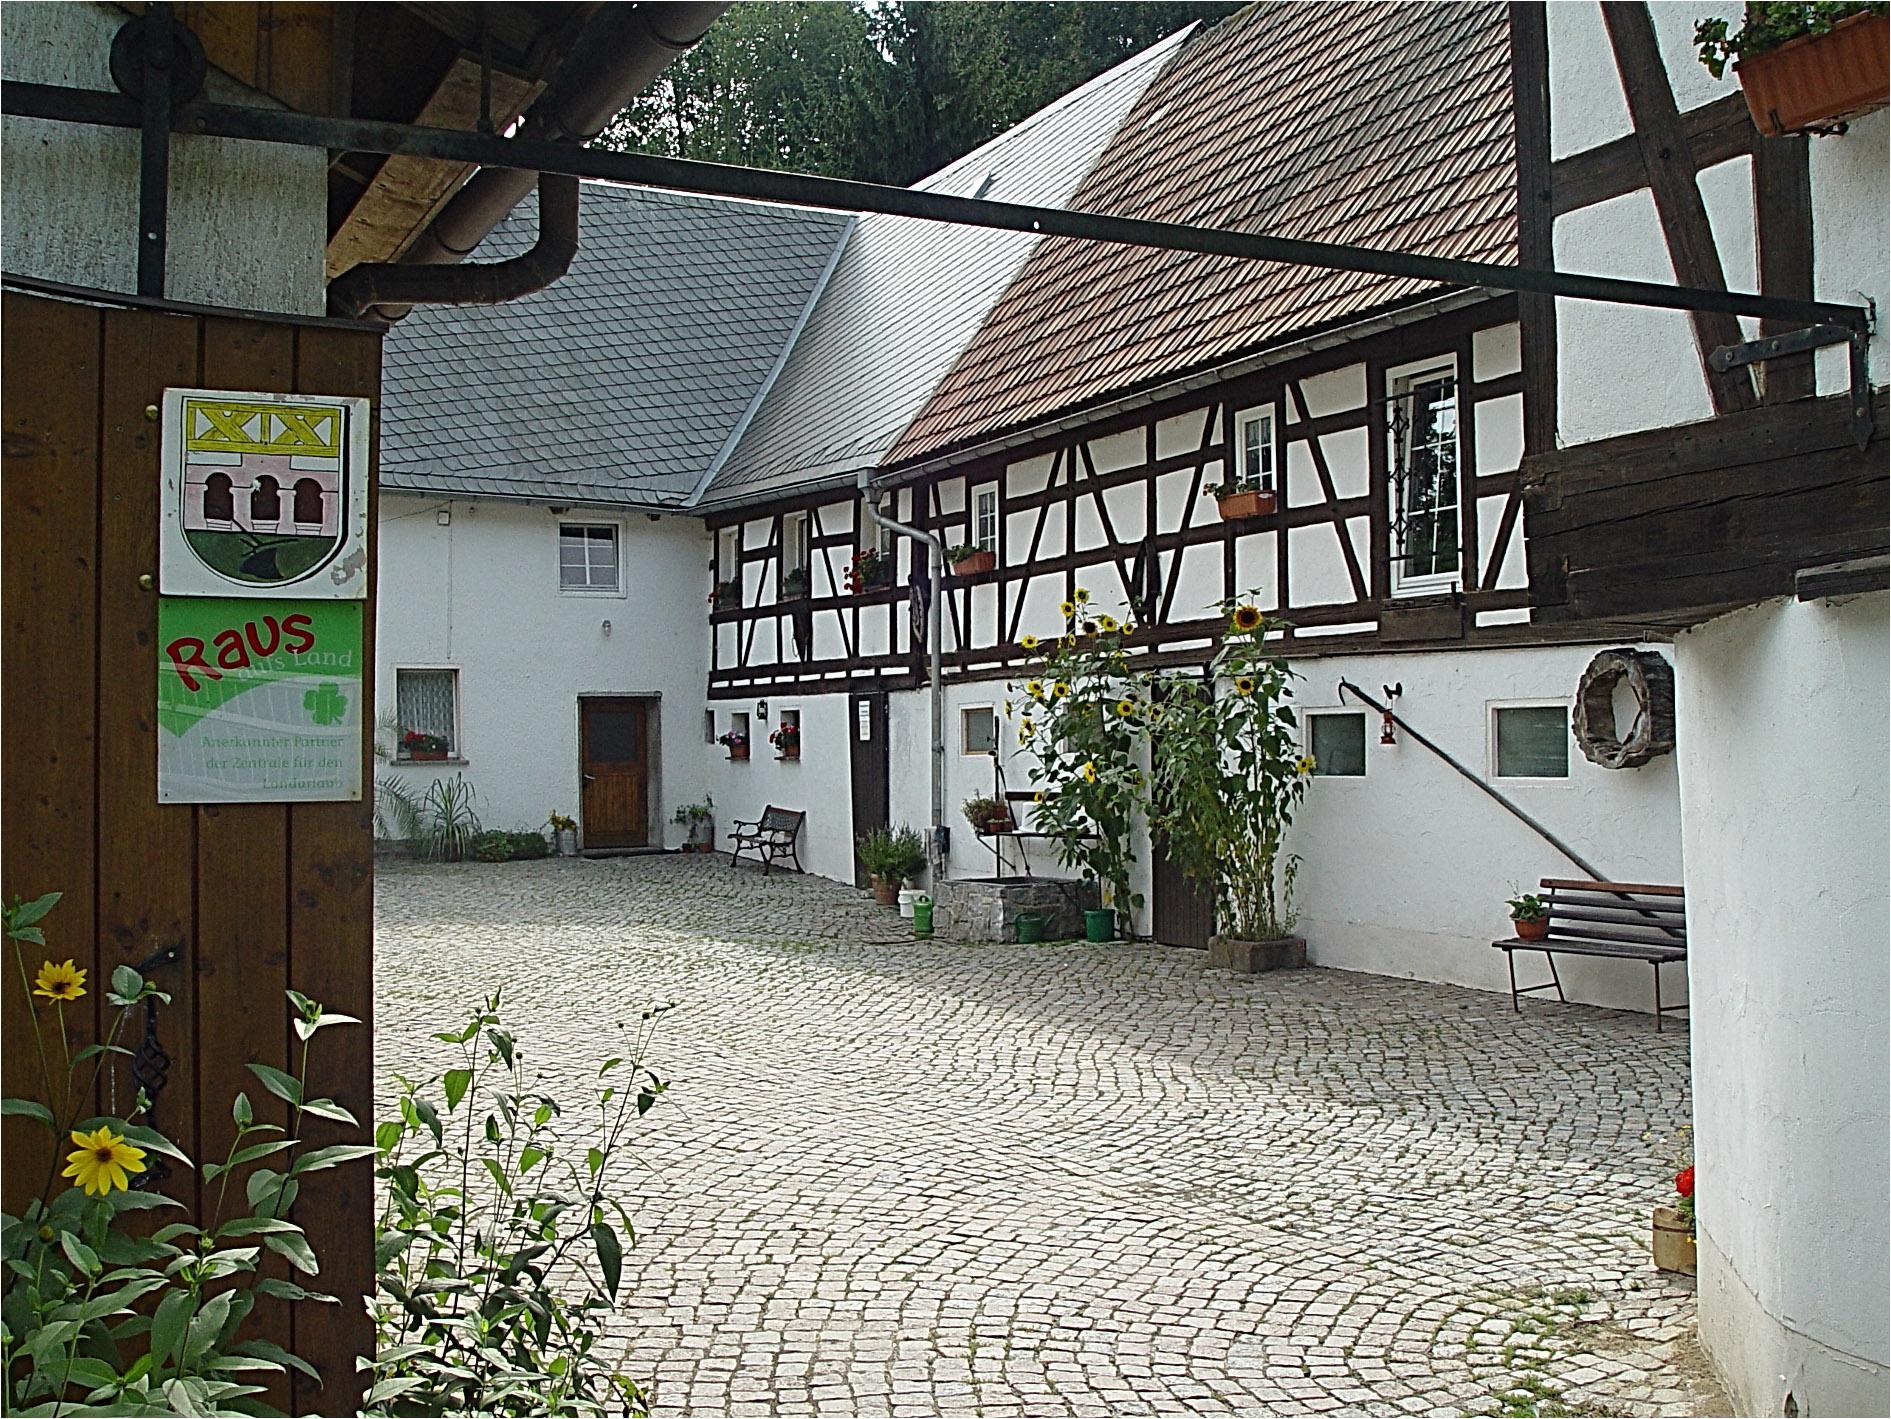 Bräunsdorf_02